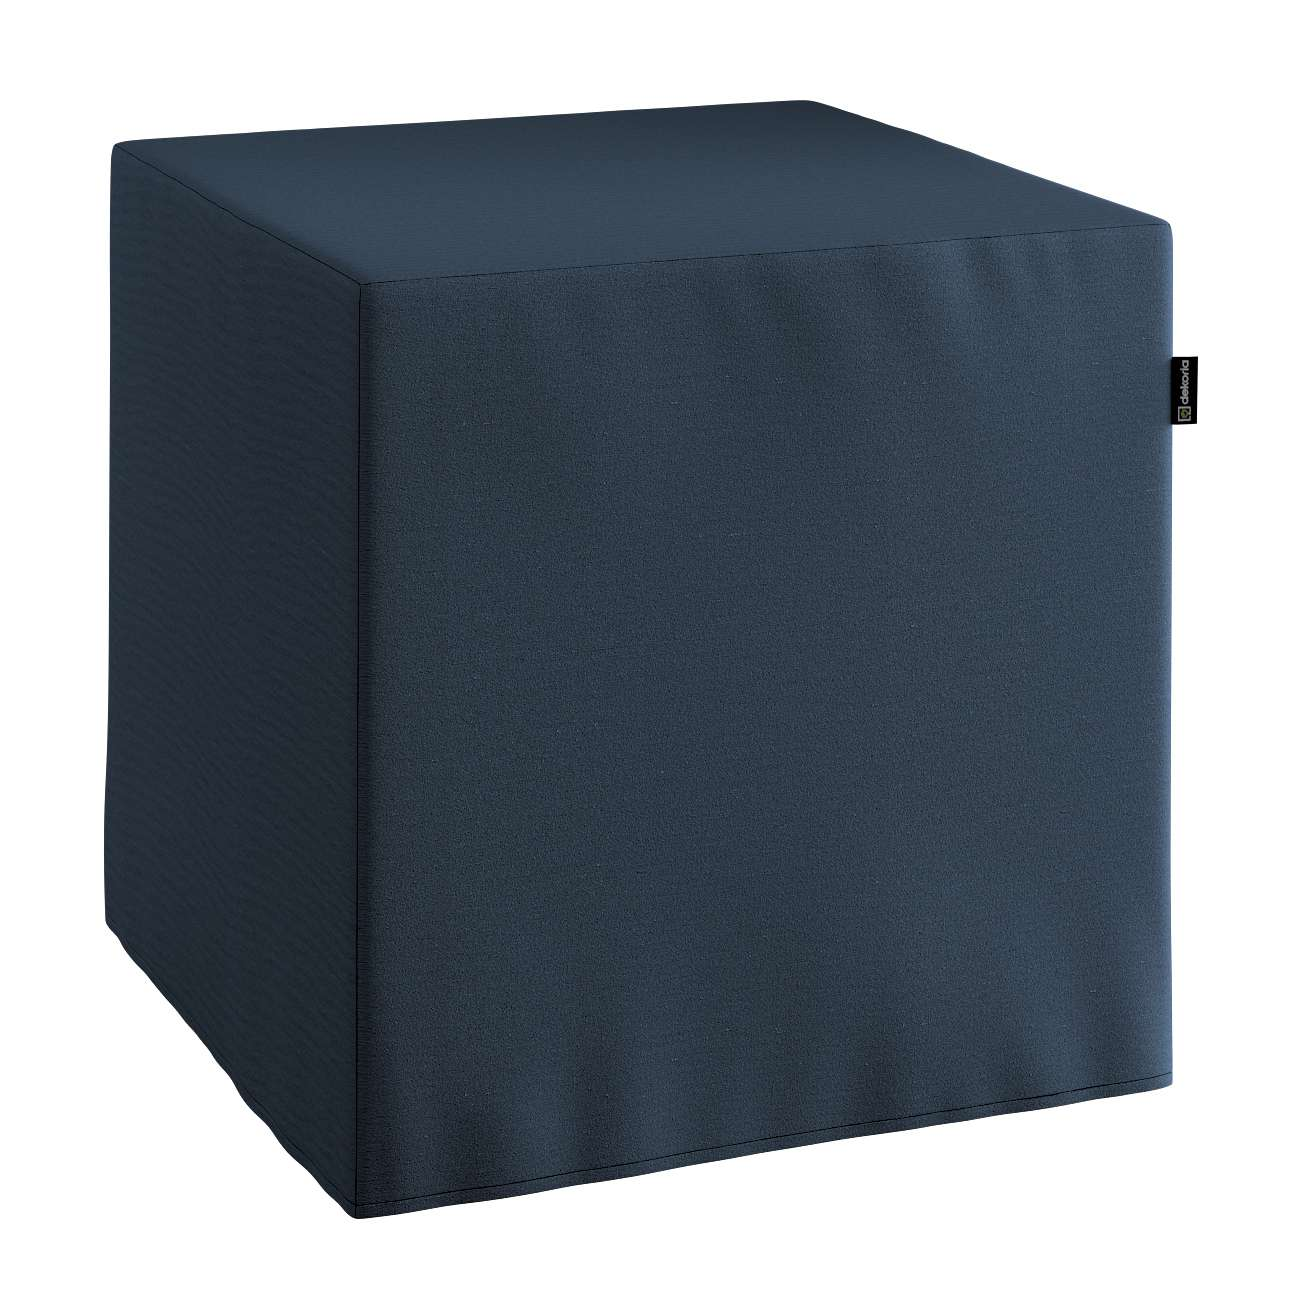 Taburetka tvrdá, kocka V kolekcii Quadro, tkanina: 136-04